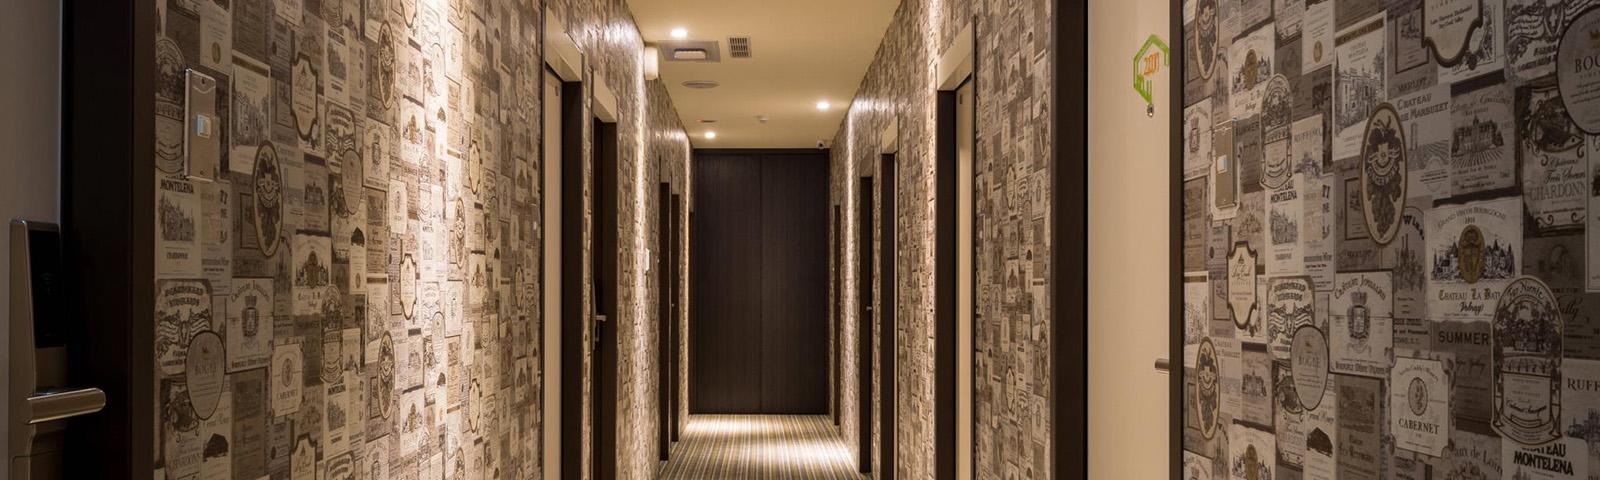 осветленный коридор фото